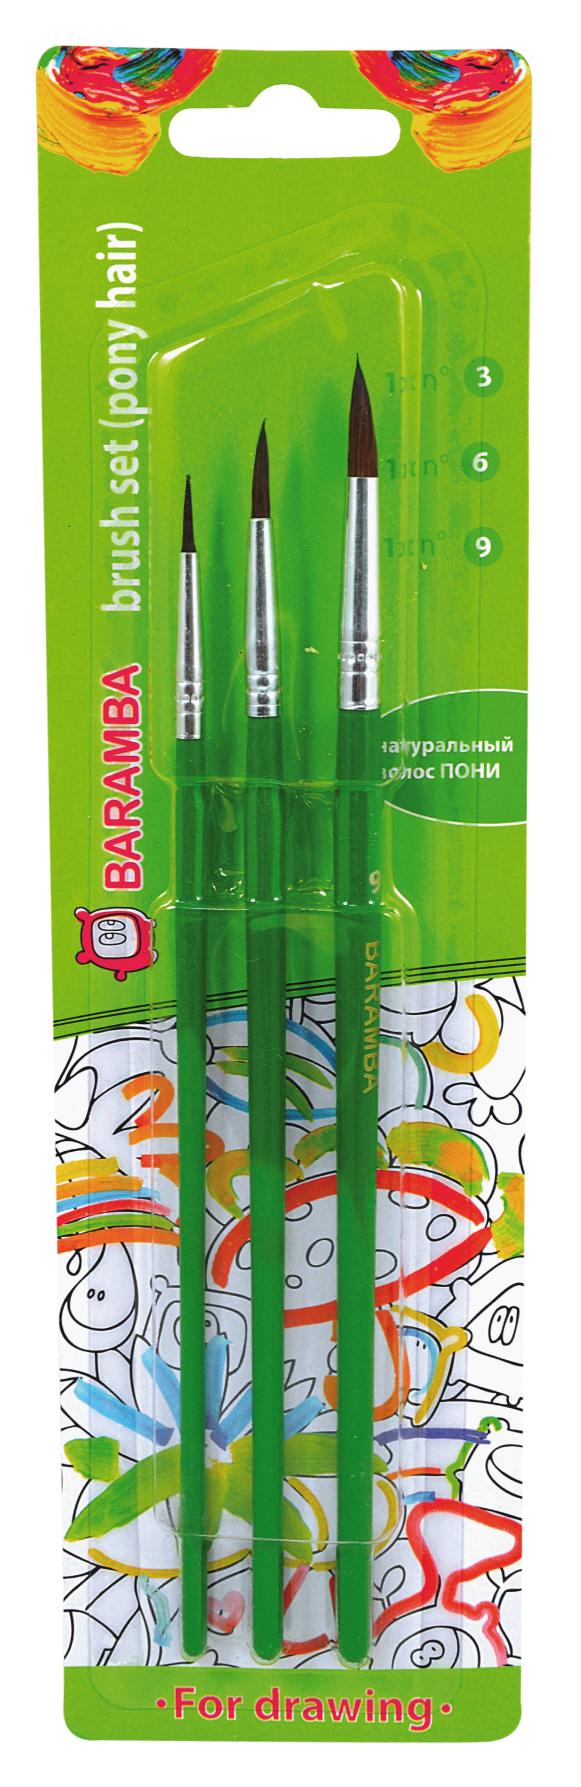 Baramba Набор кистей из волоса пони №3, 6, 9 (3шт)PP-220Кисти из набора Baramba идеально подойдут для детского творчества, художественных и декоративно-оформительских работ. Кисти из натурального ворса пони разных размеровпредназначены для работы с акварелью, гуашью, тушью. Конусообразная форма пучка позволяет прорисовывать мелкие детали и выполнять заливку фона. В набор входят круглые кисти №3, 6 и 9. Деревянные ручки оснащены алюминиевыми втулками с тройной обжимкой.